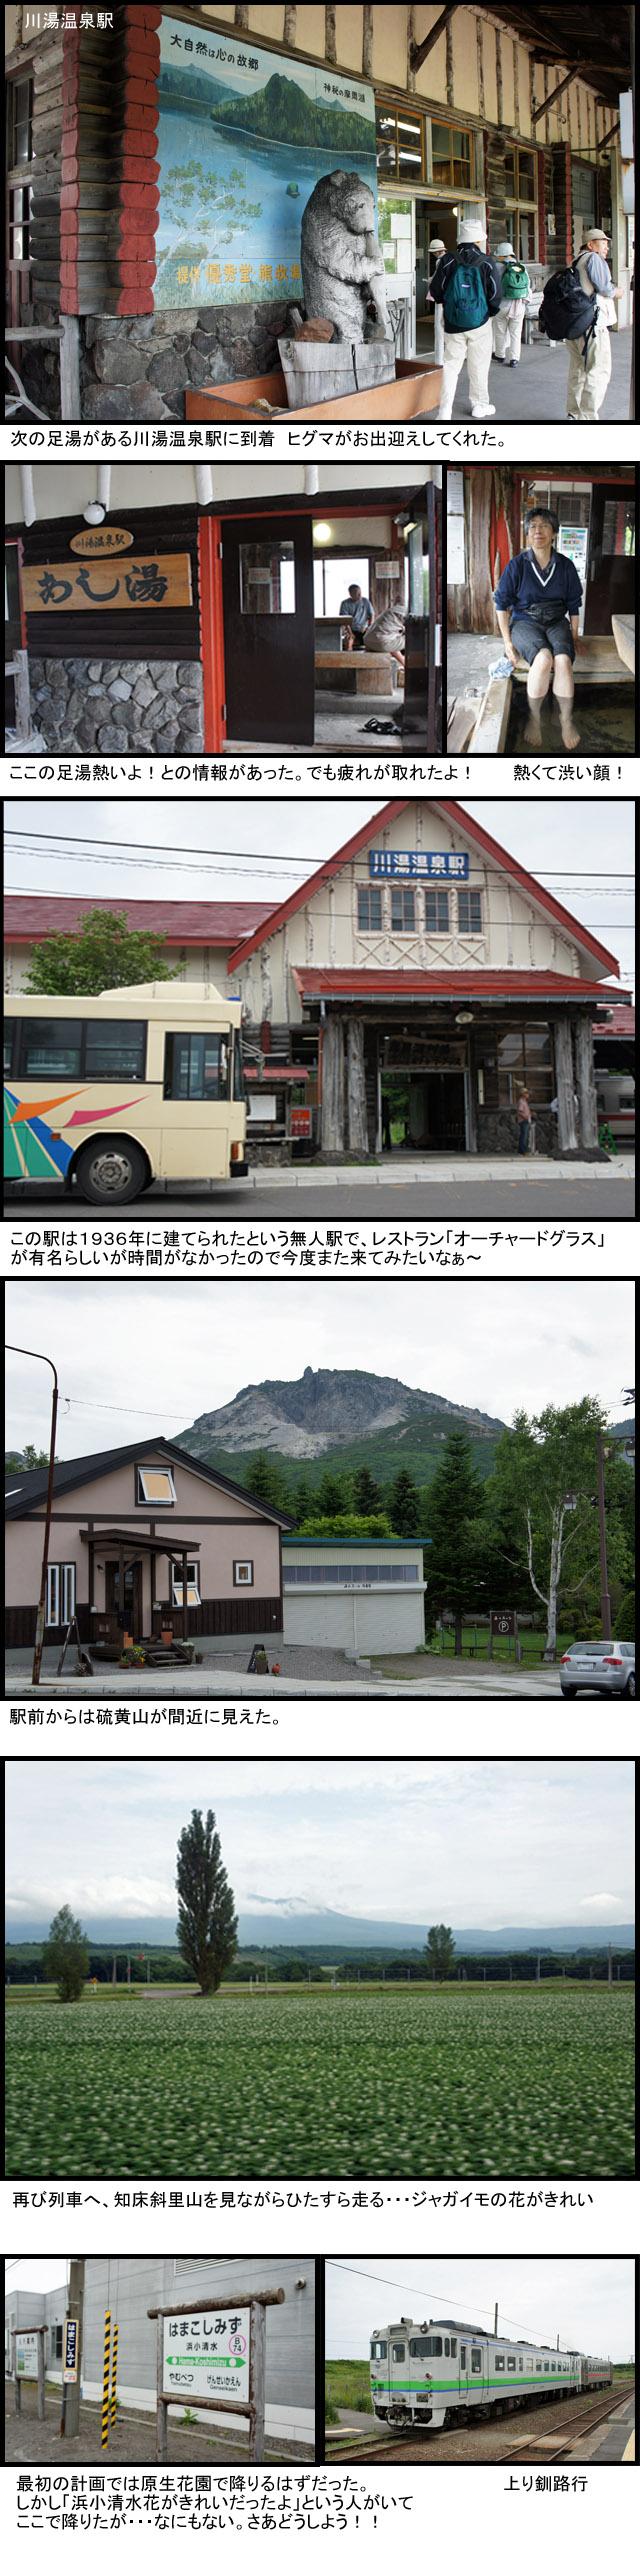 b0019313_16205010.jpg